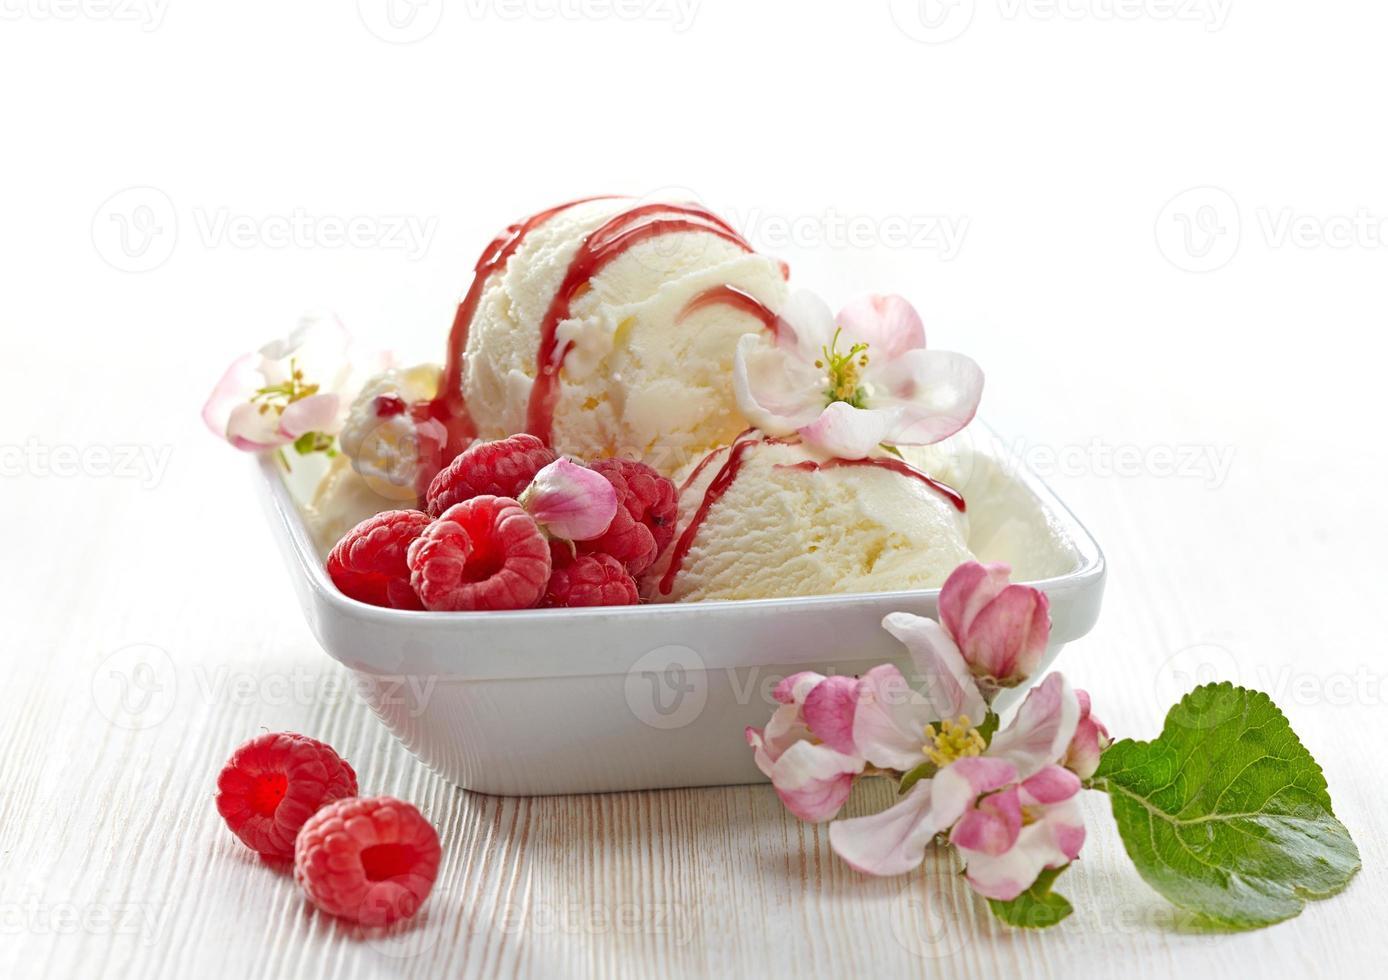 sorvete de baunilha com frutas frescas foto